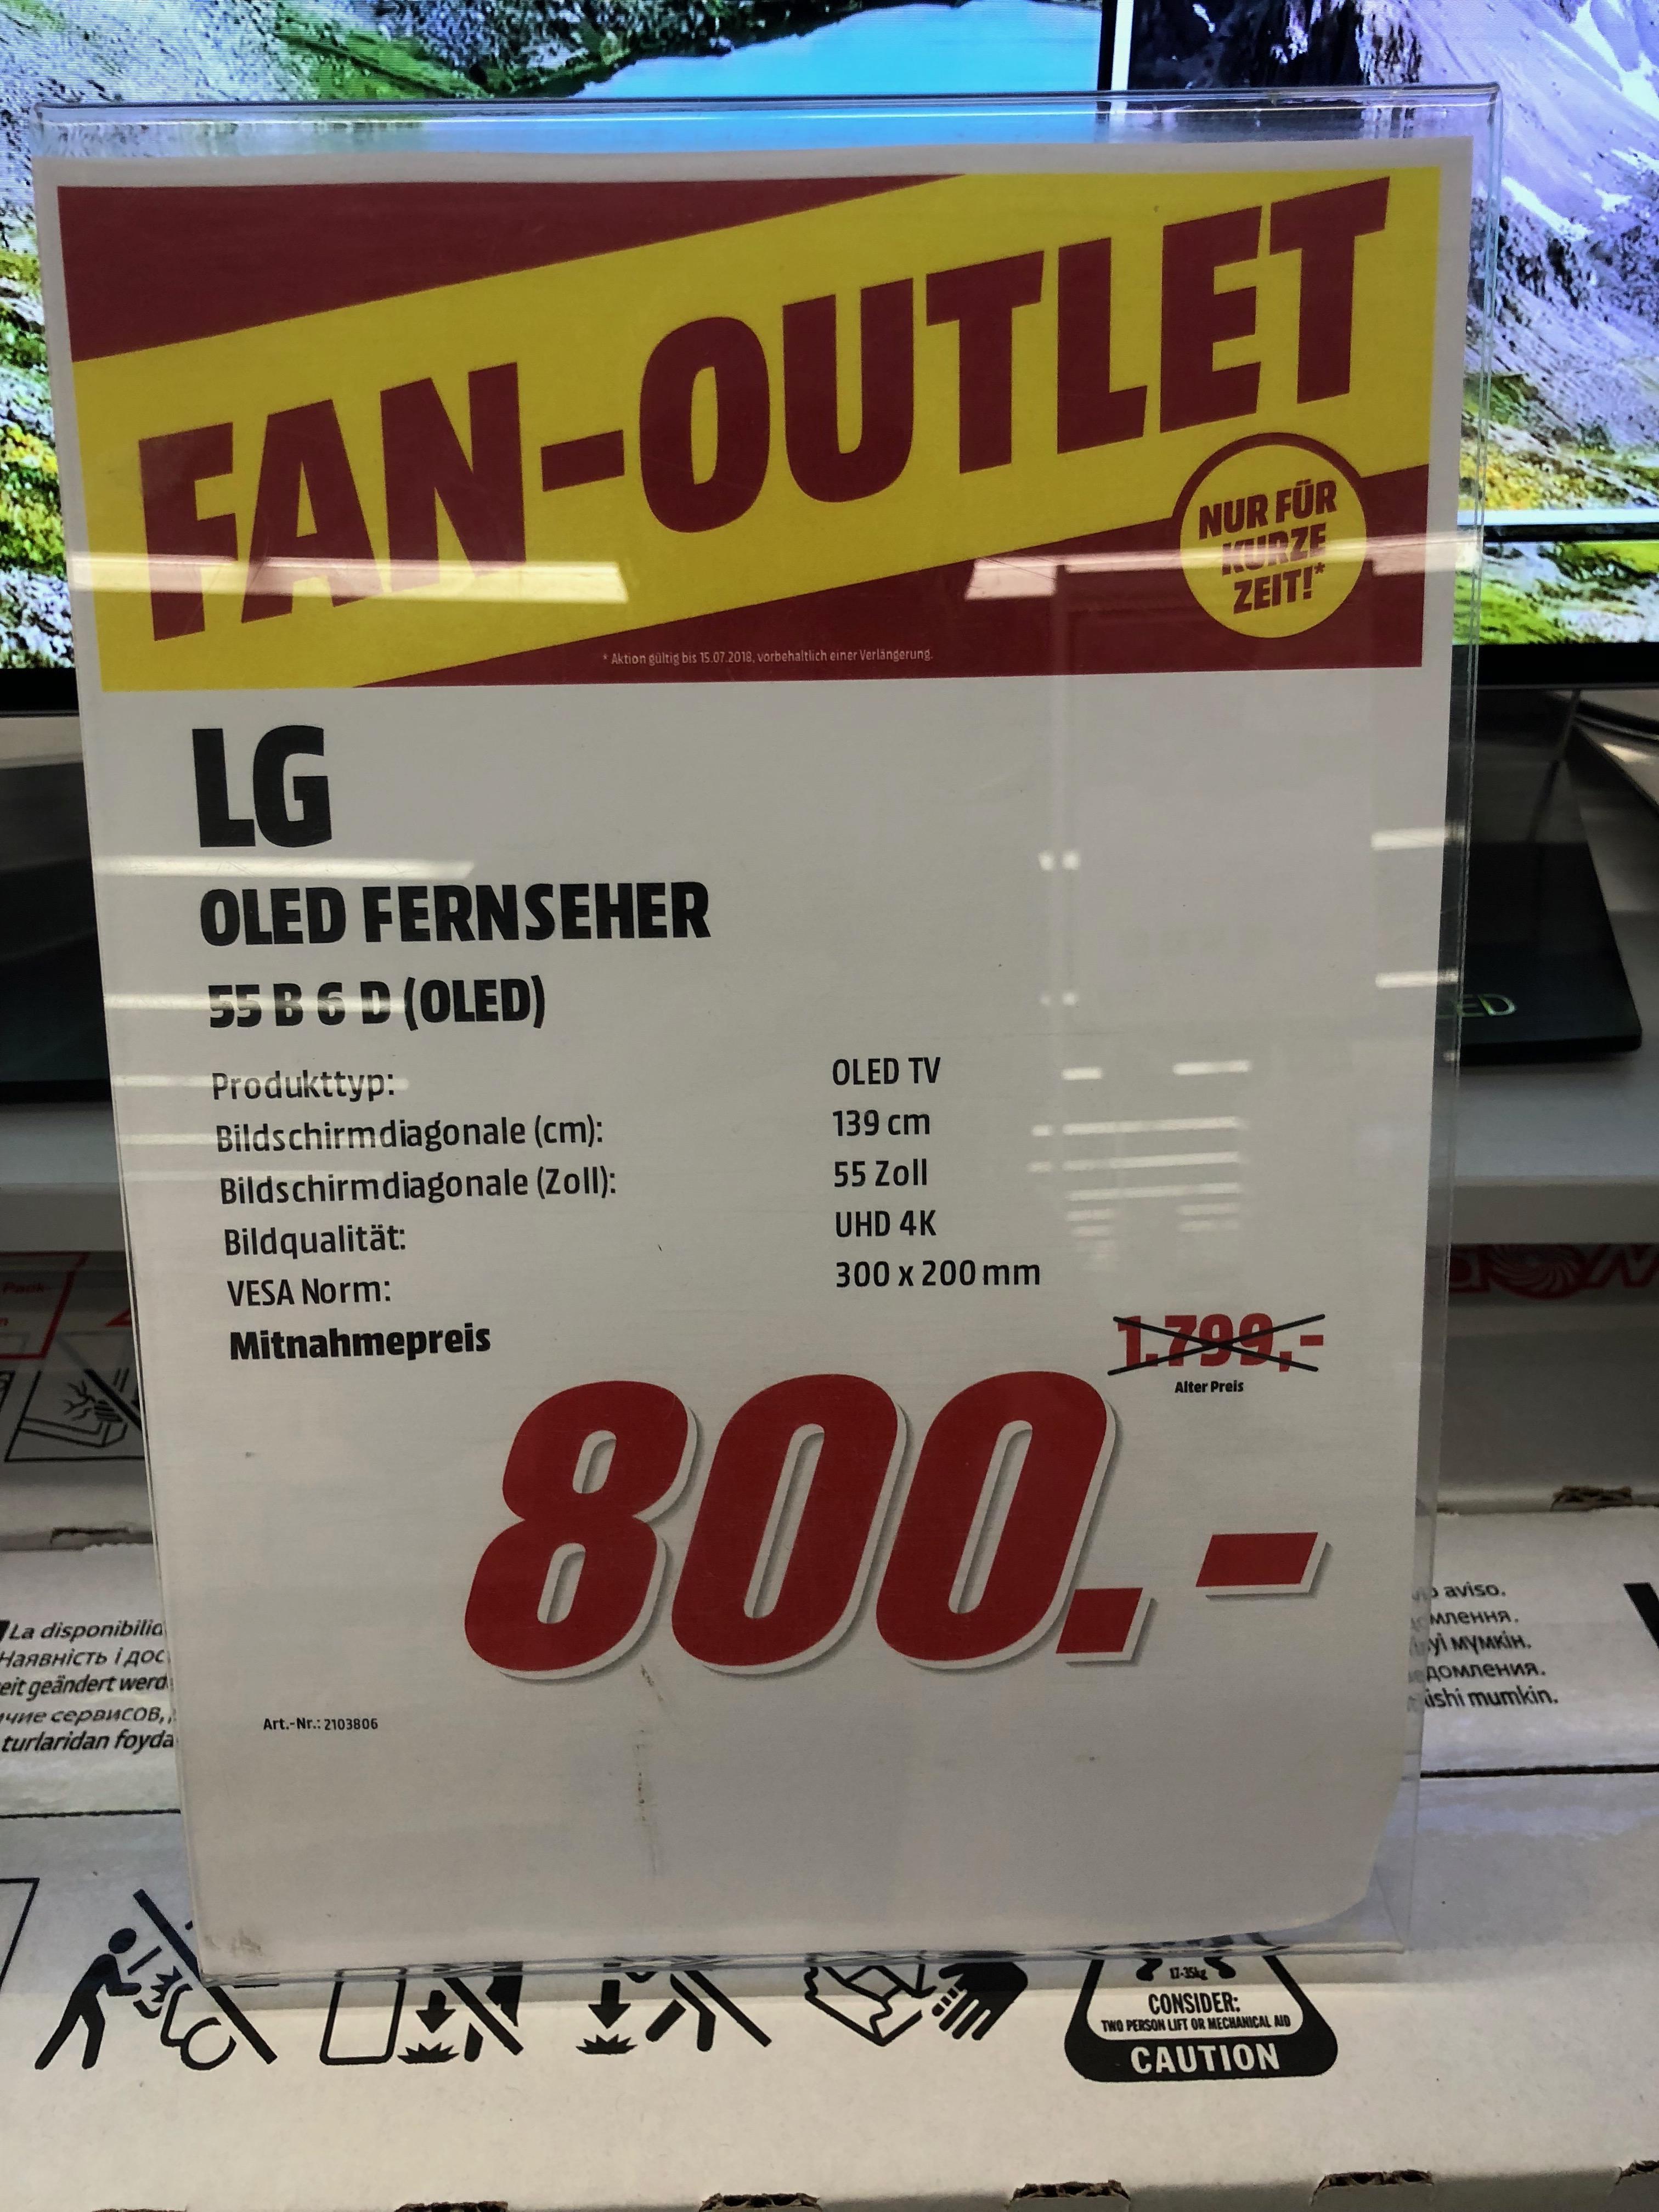 [LOKAL] LG OLED 55B6D Mediamarkt SLS